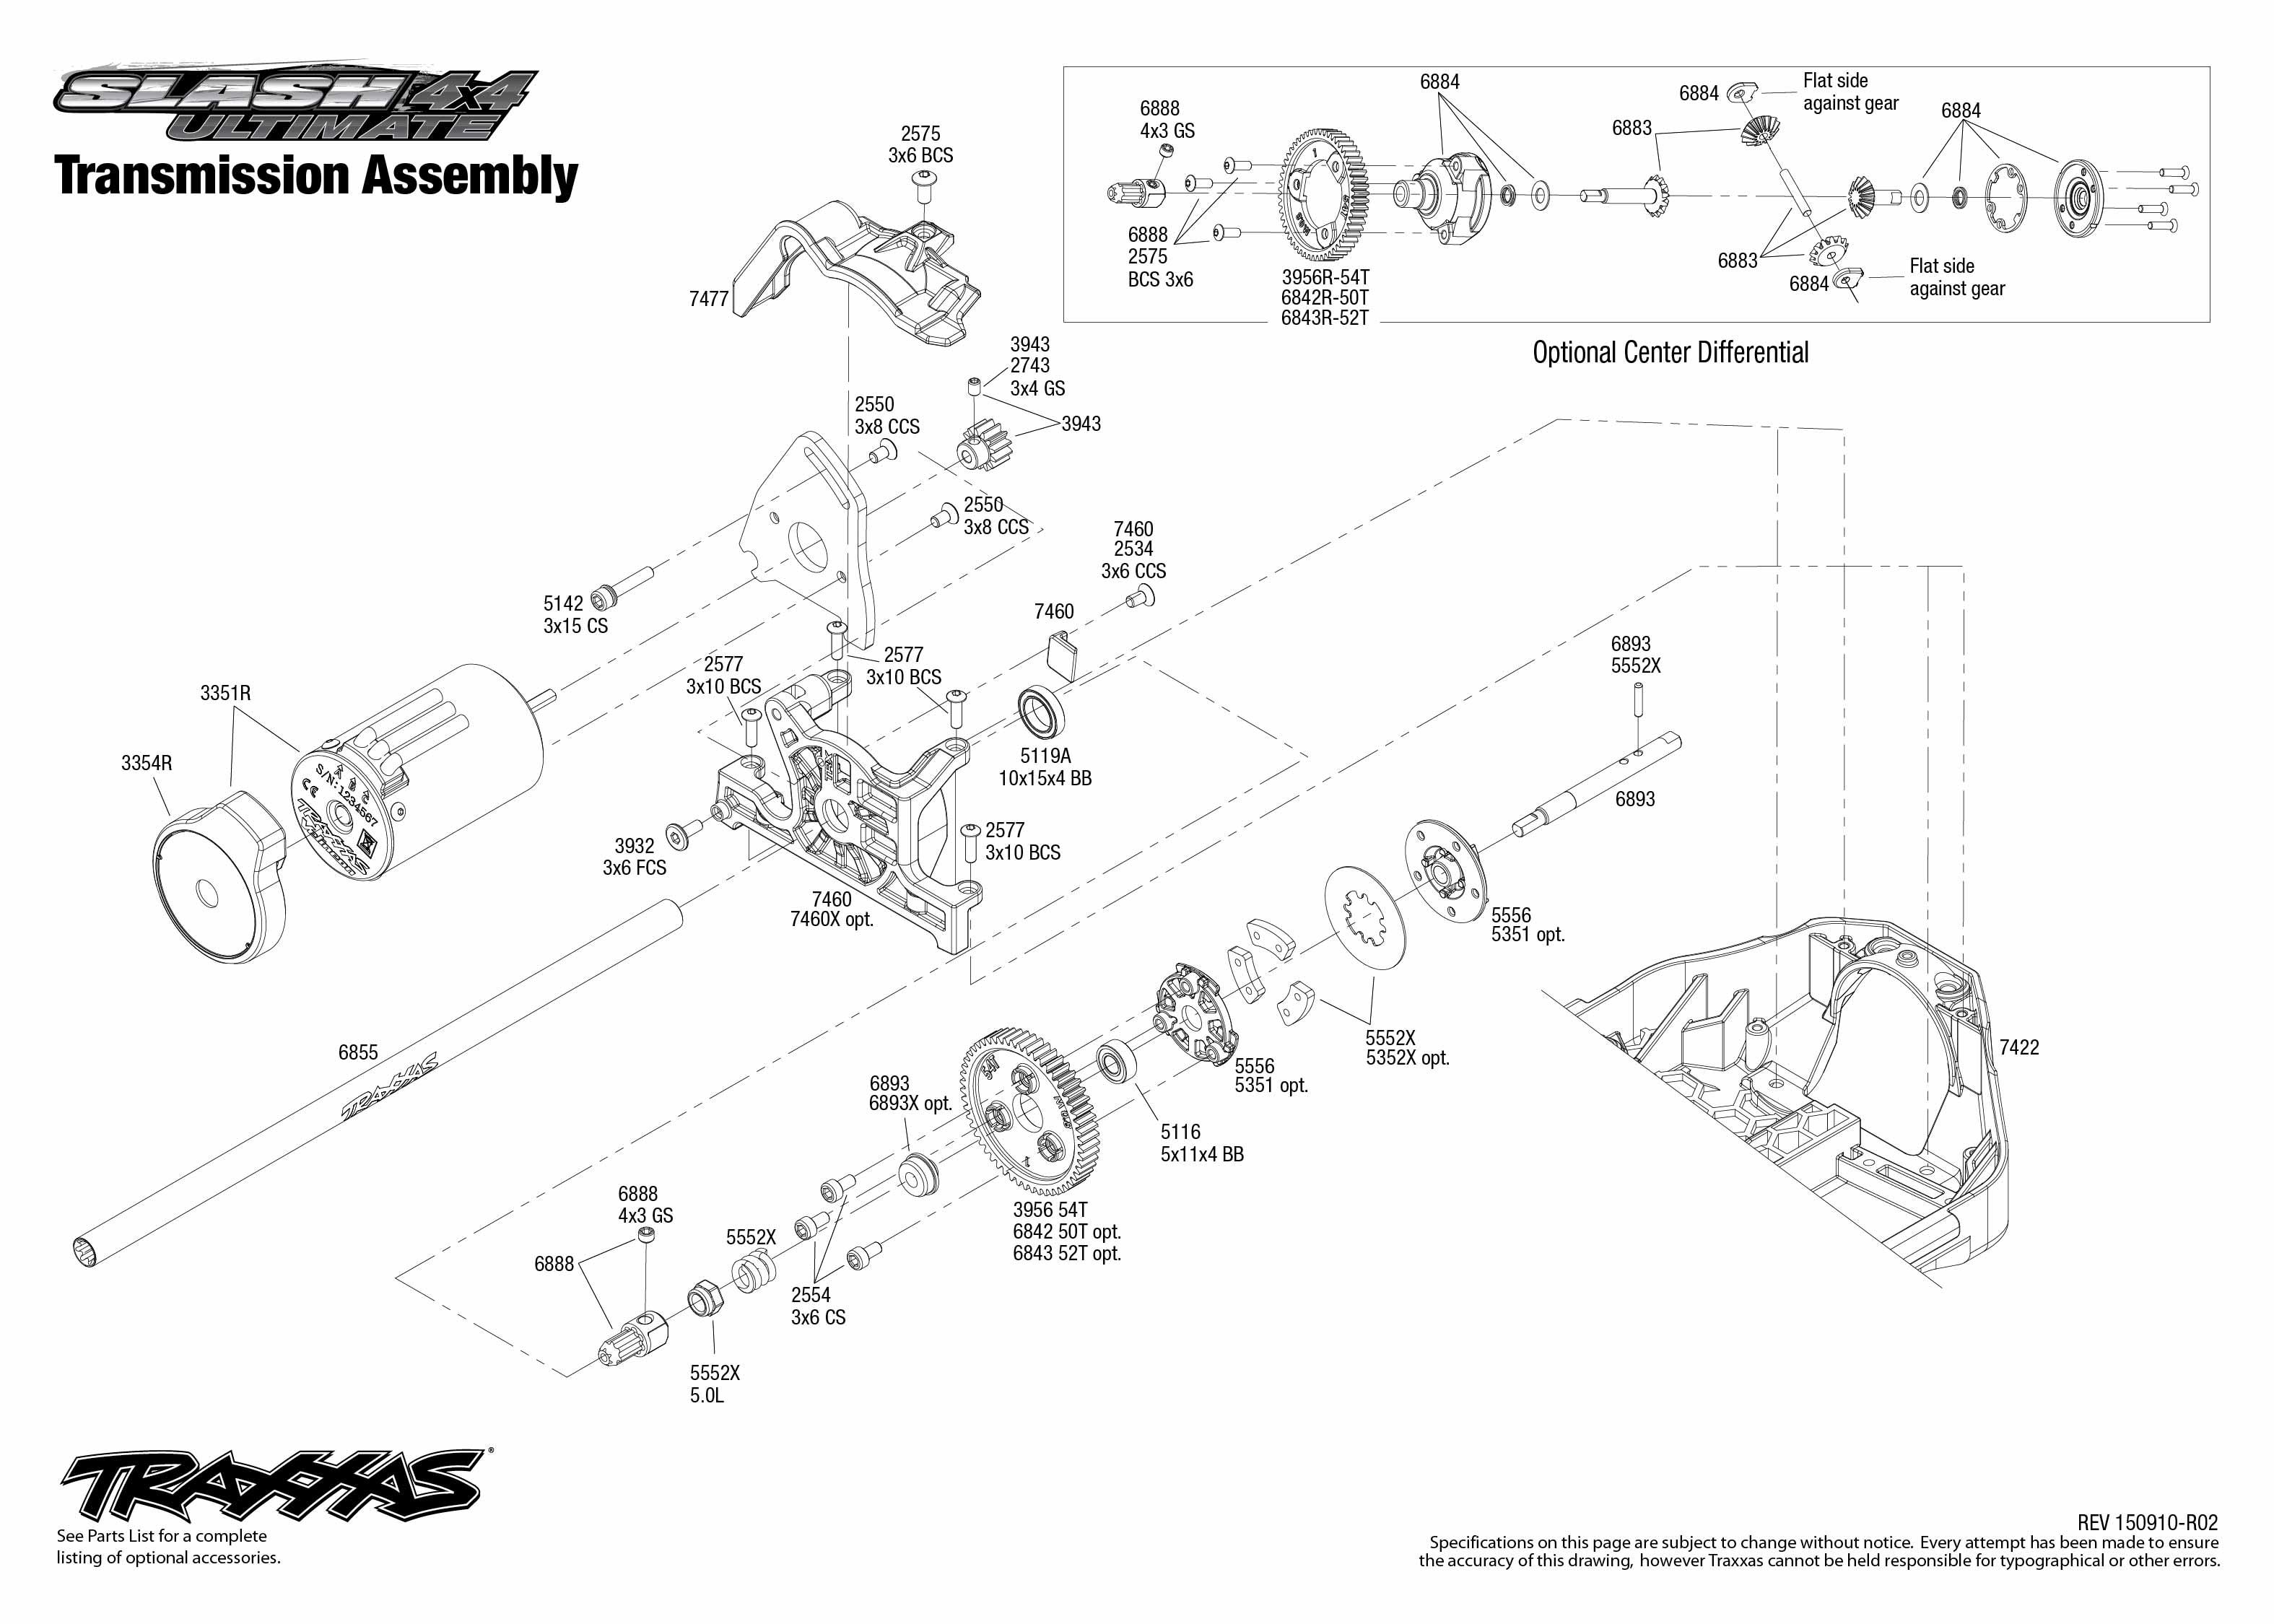 traxxas traxxas slash 4x4 ultimate rtr  lcg chassis  mit tsm  trx68077